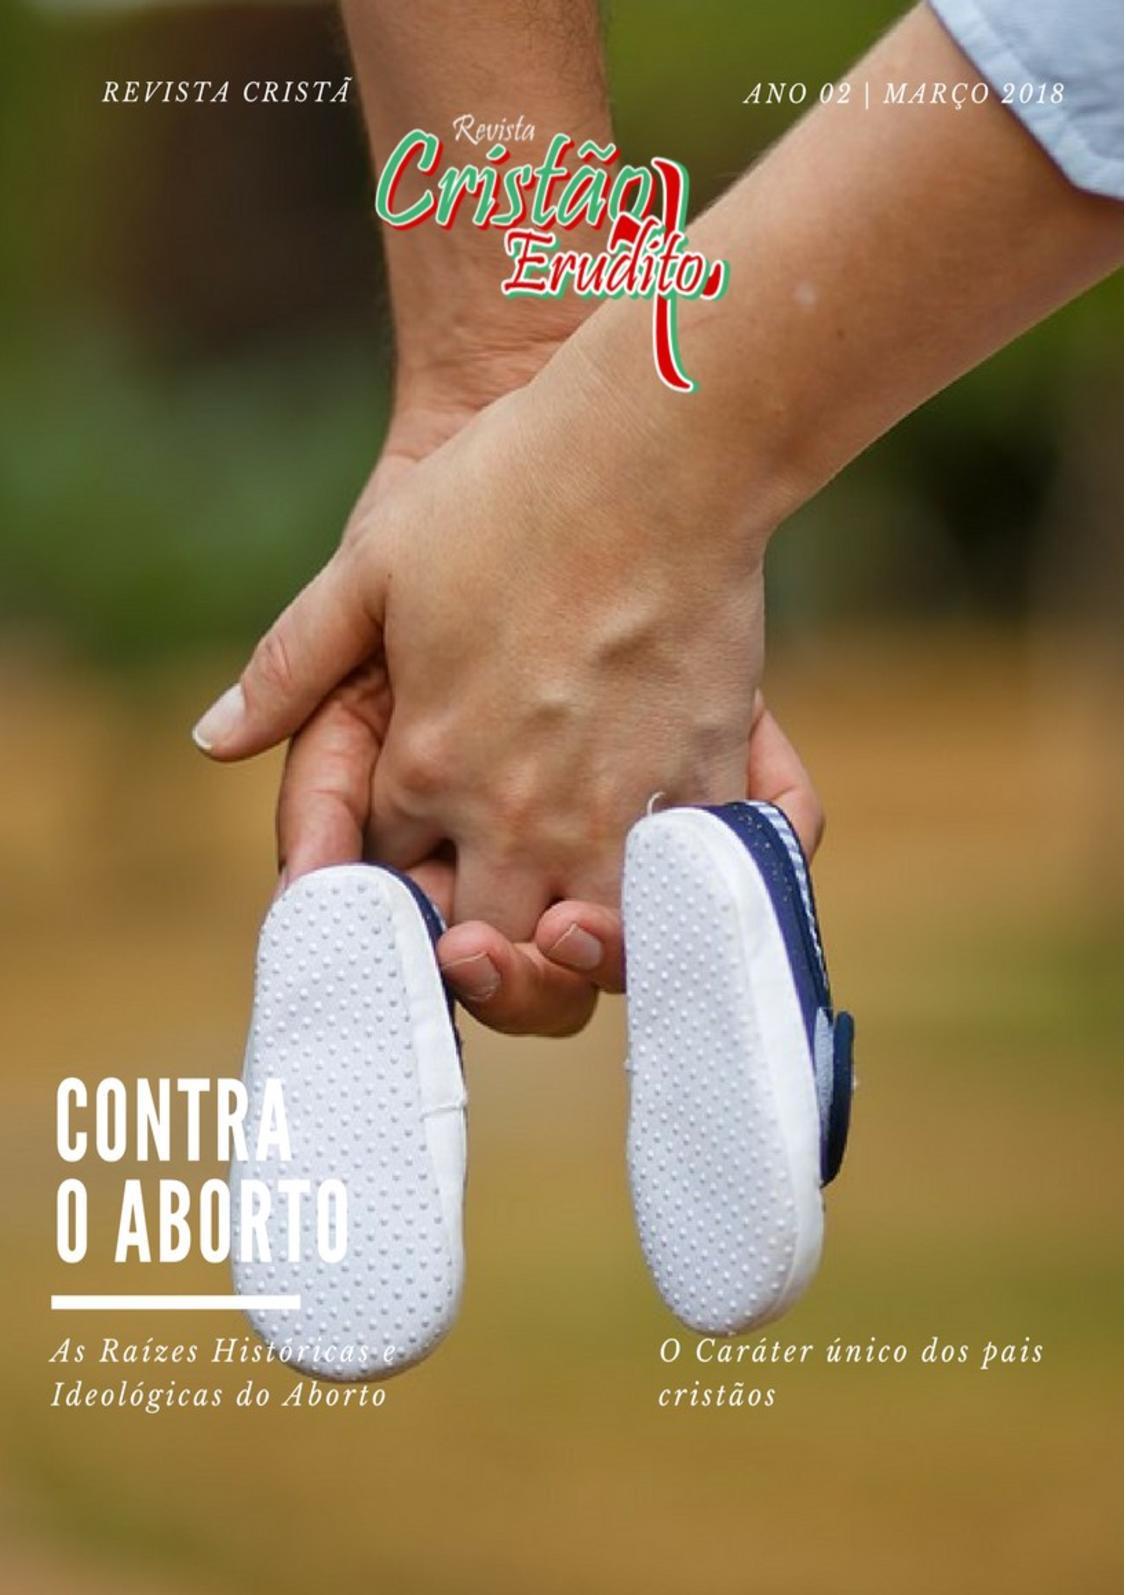 Calaméo - Contra O Aborto (Revista Cristã)